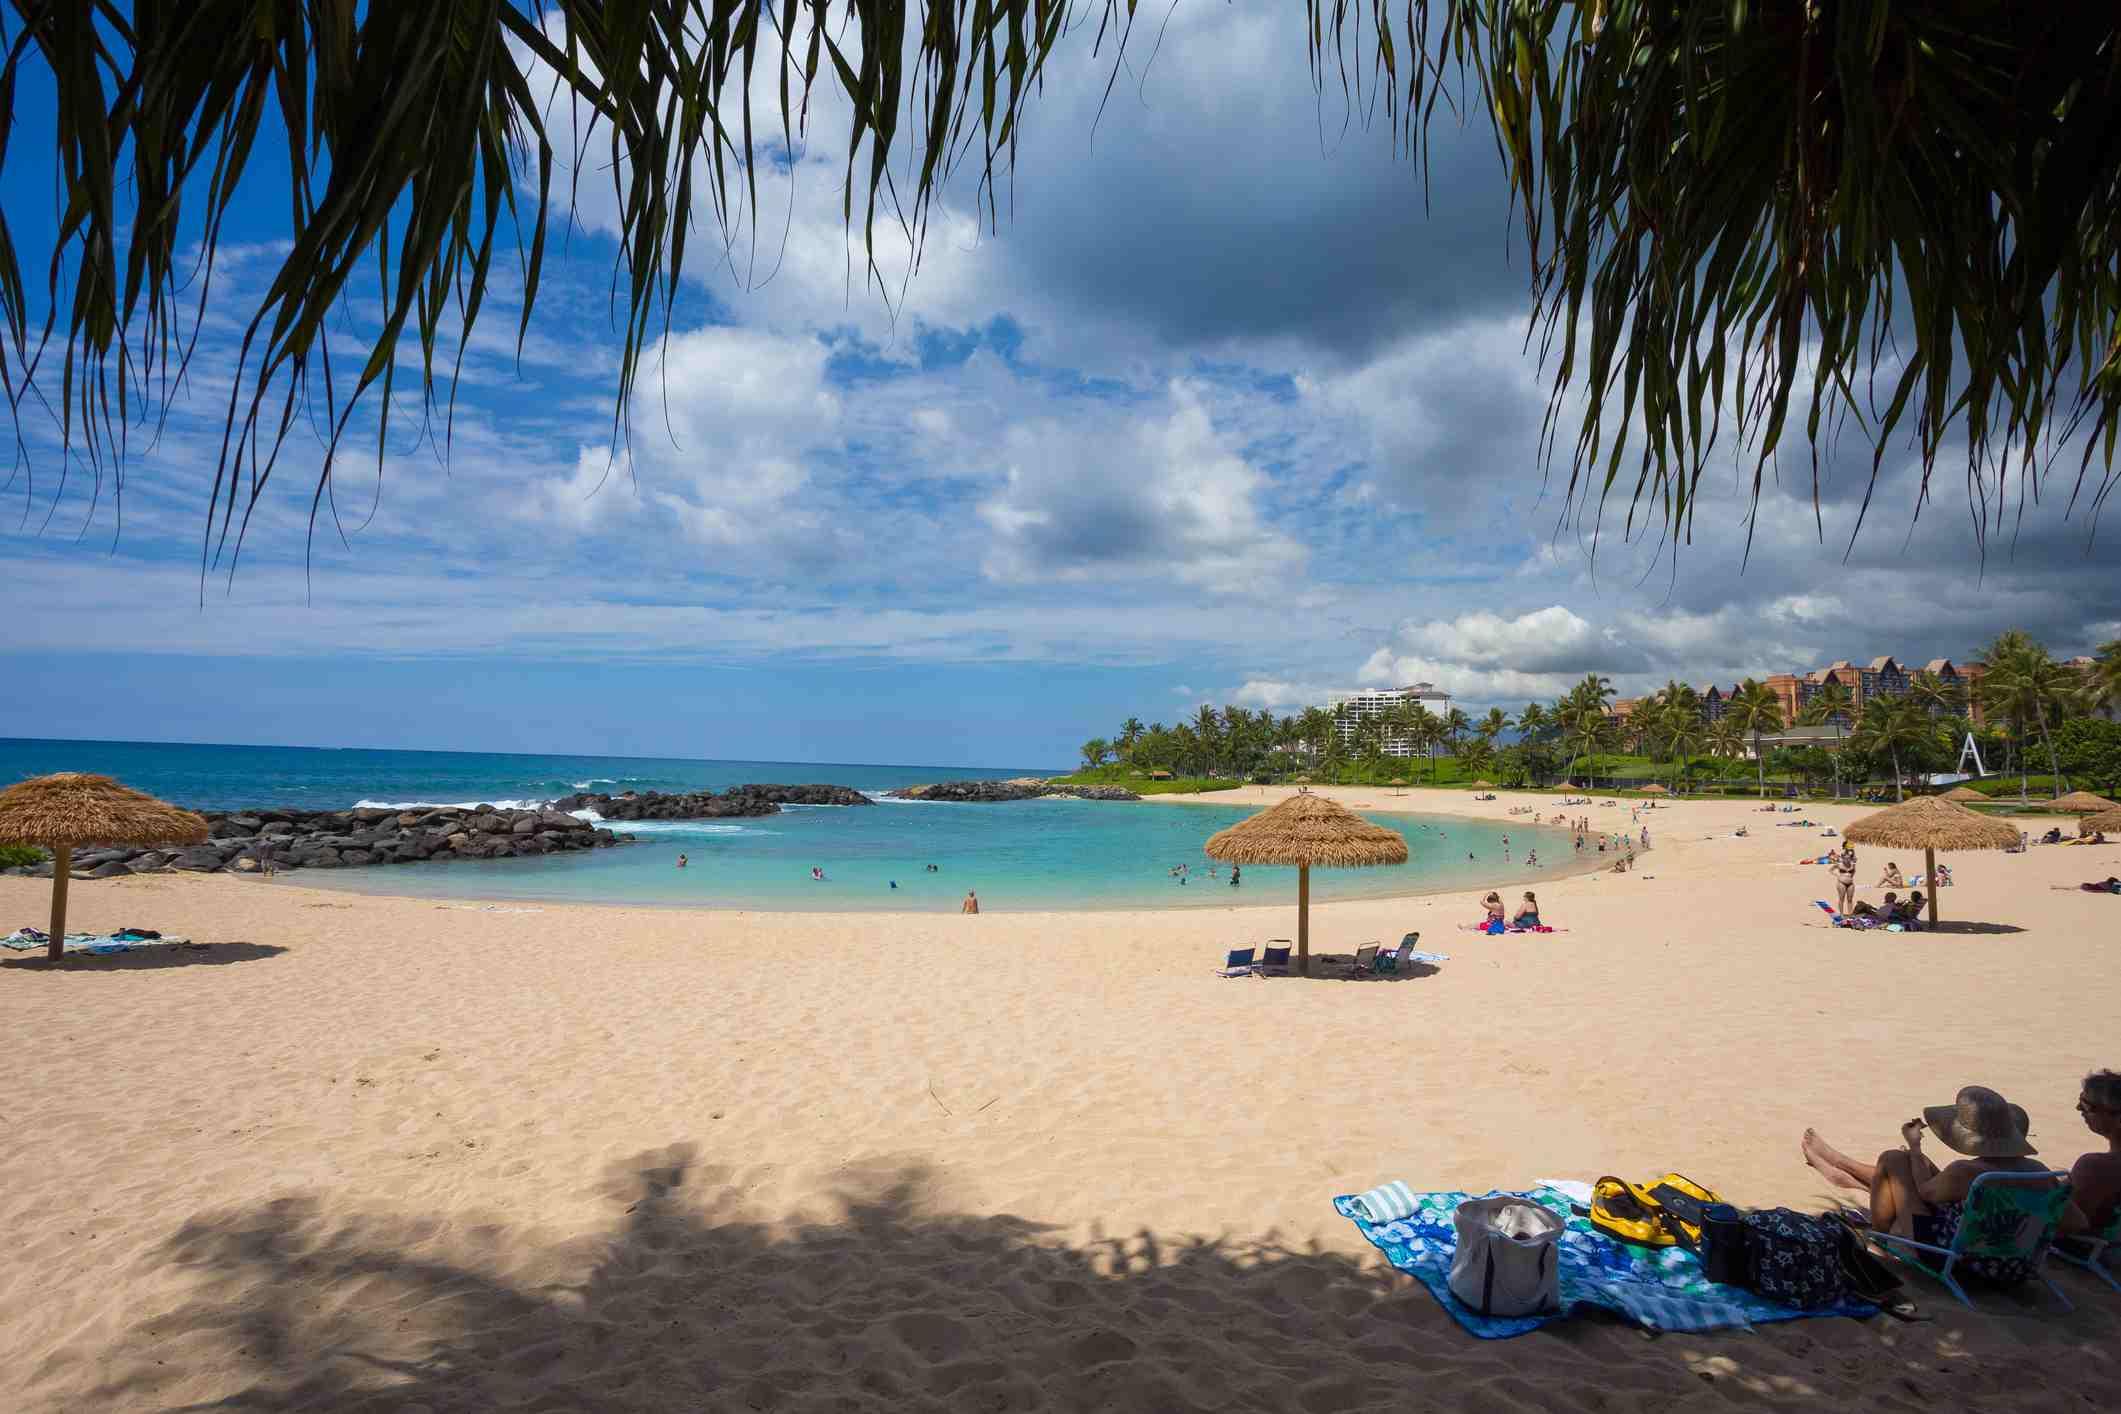 Ko'olina Manmade Lagoon in Oahu Hawaii